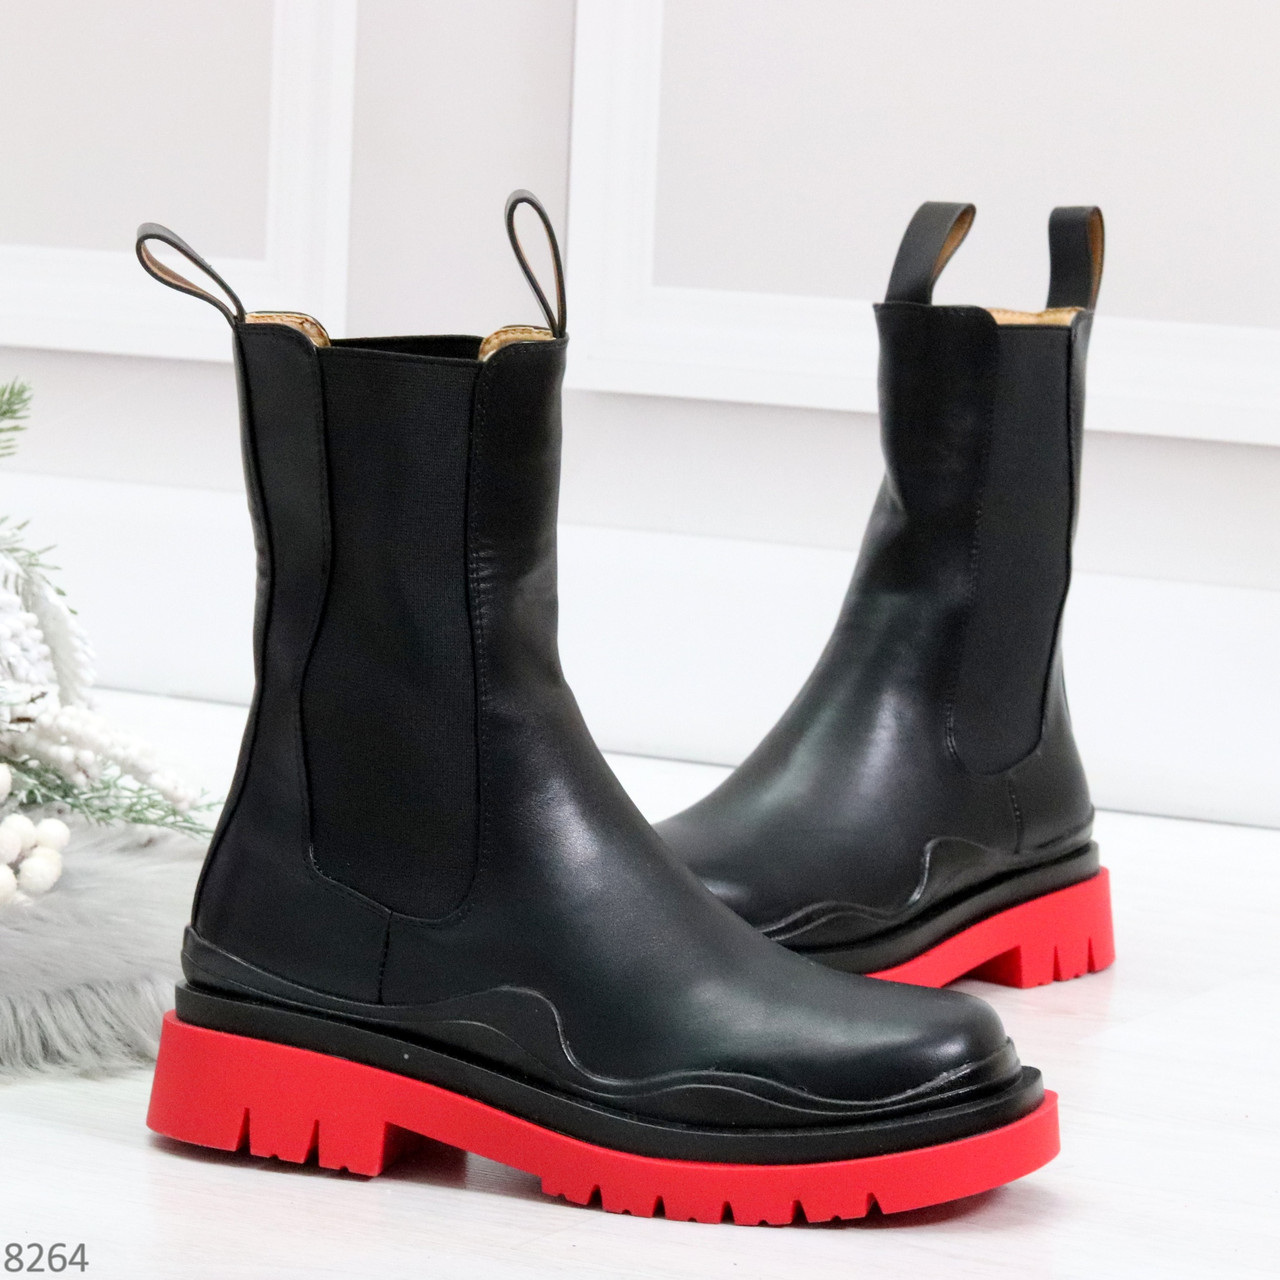 Модельные высокие черные Женские ботинки челси на красной подошве